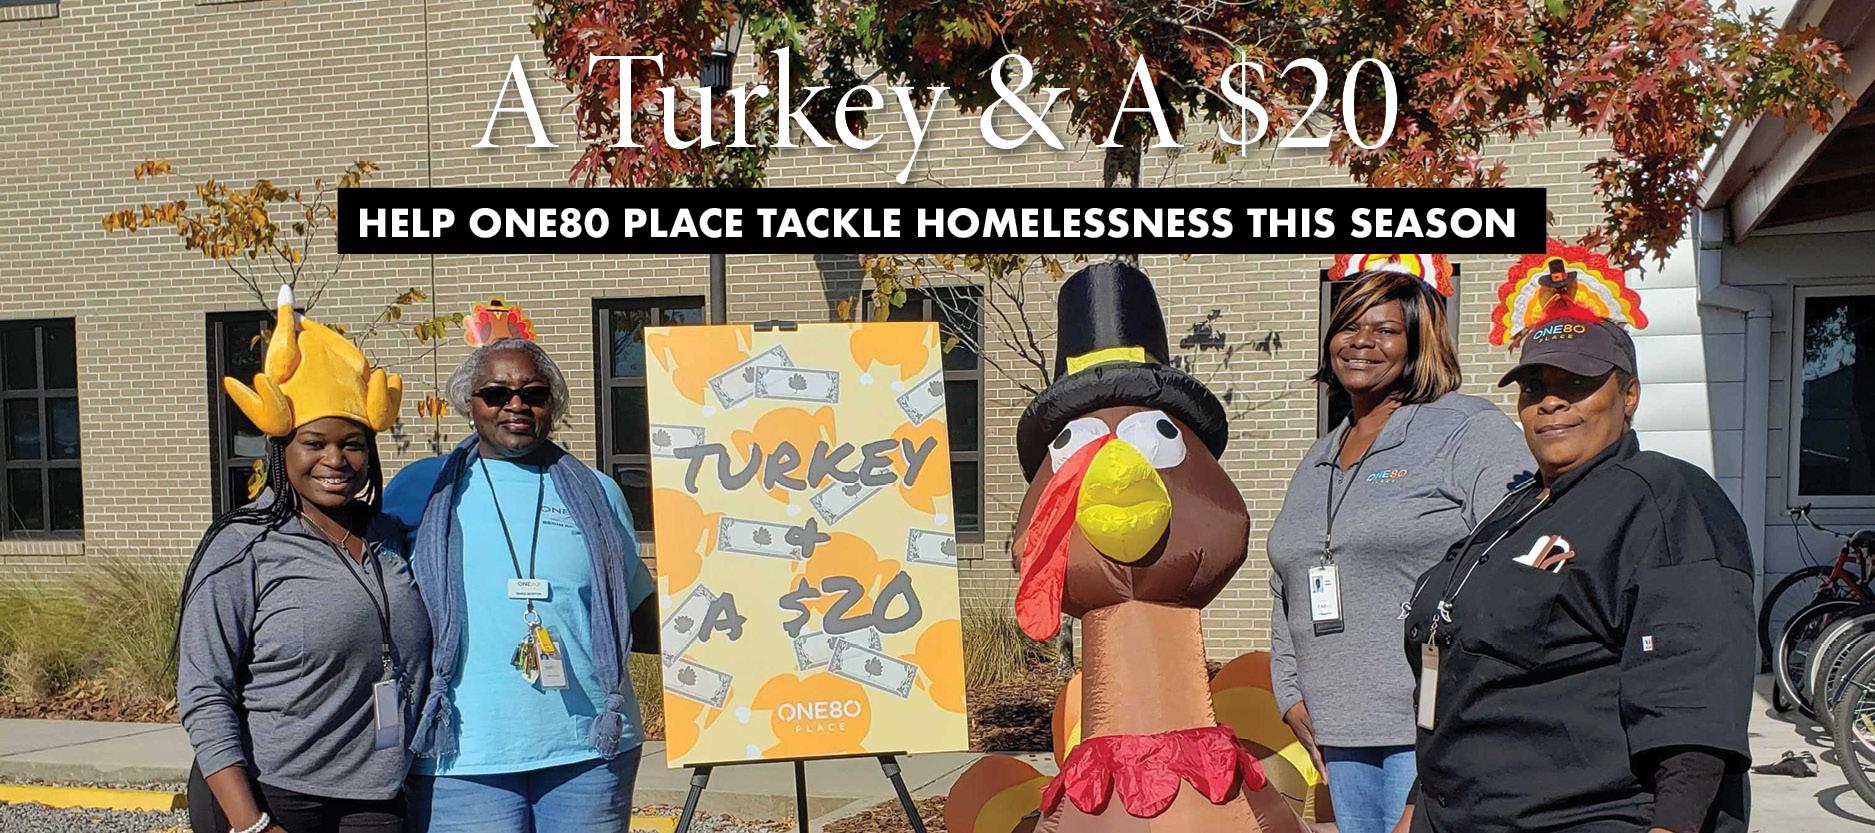 A Turkey & A $20